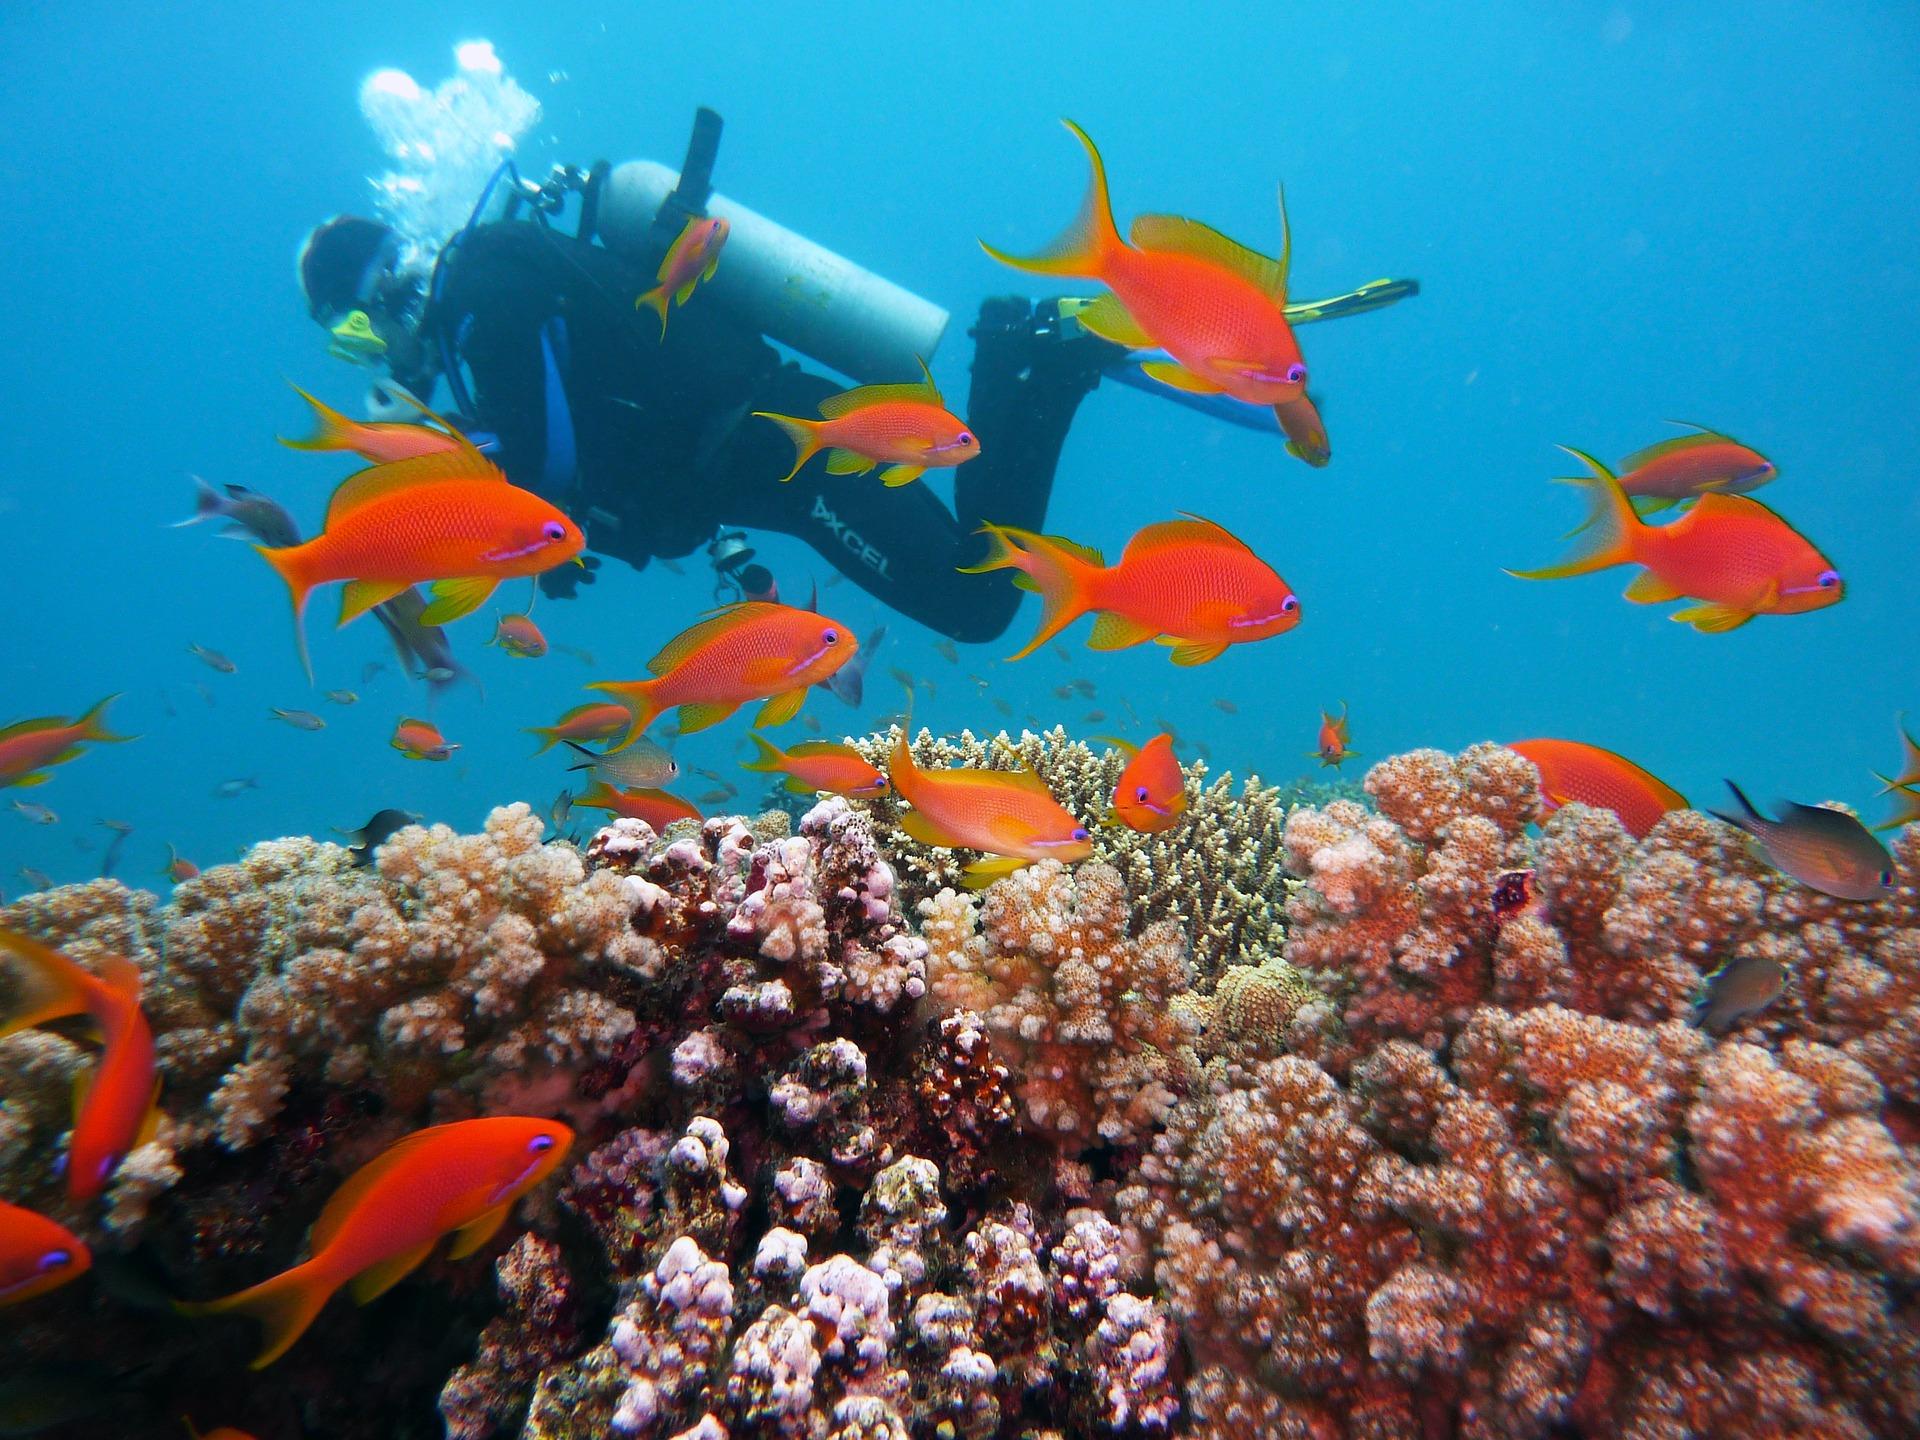 diving-scuba-reef-fish-joacant.jpg